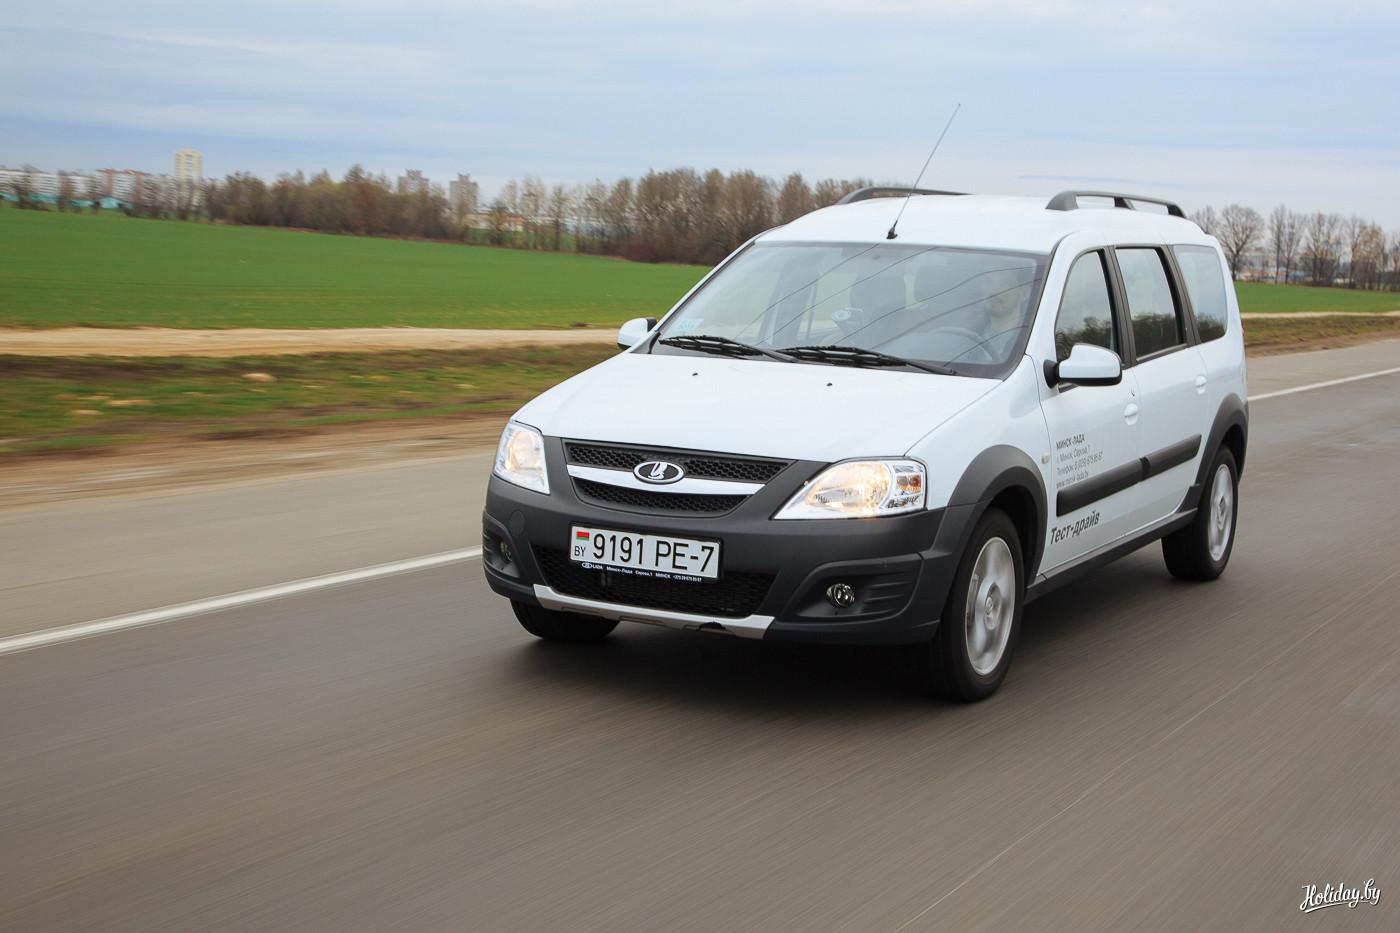 Для этой и будущих поездок по Минской области я выбрал машину Lada Largus Cross. Почему? Ответы найдете в этой статье.